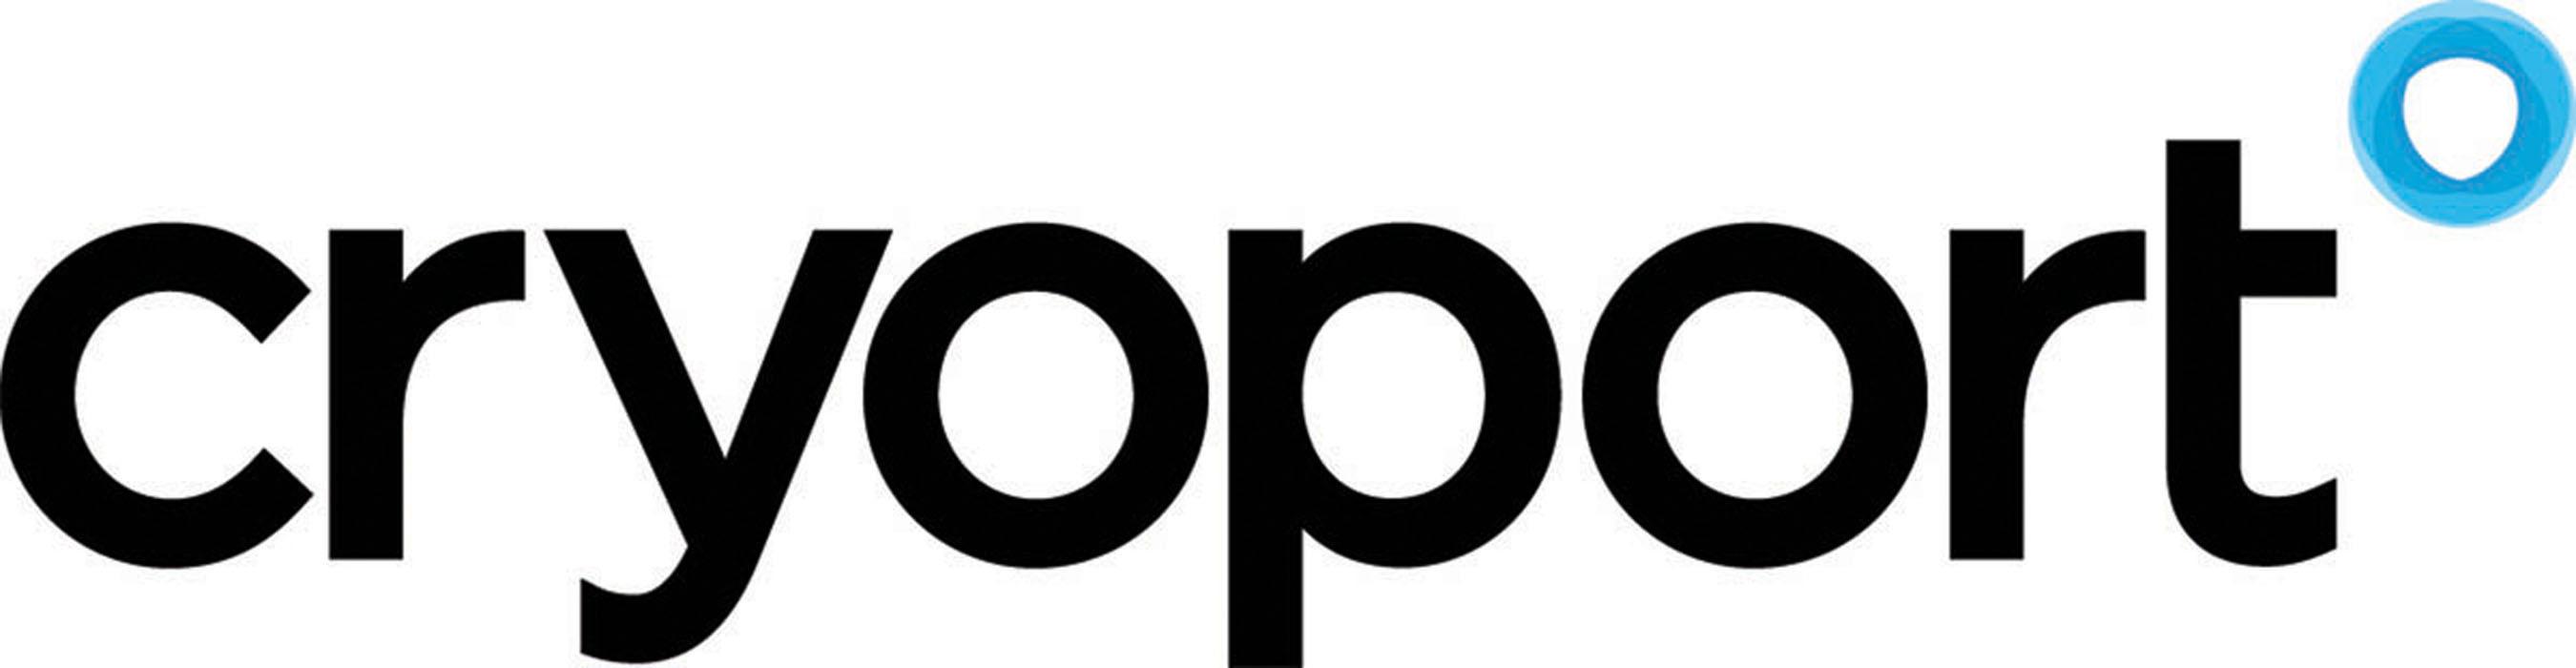 CYRX logo